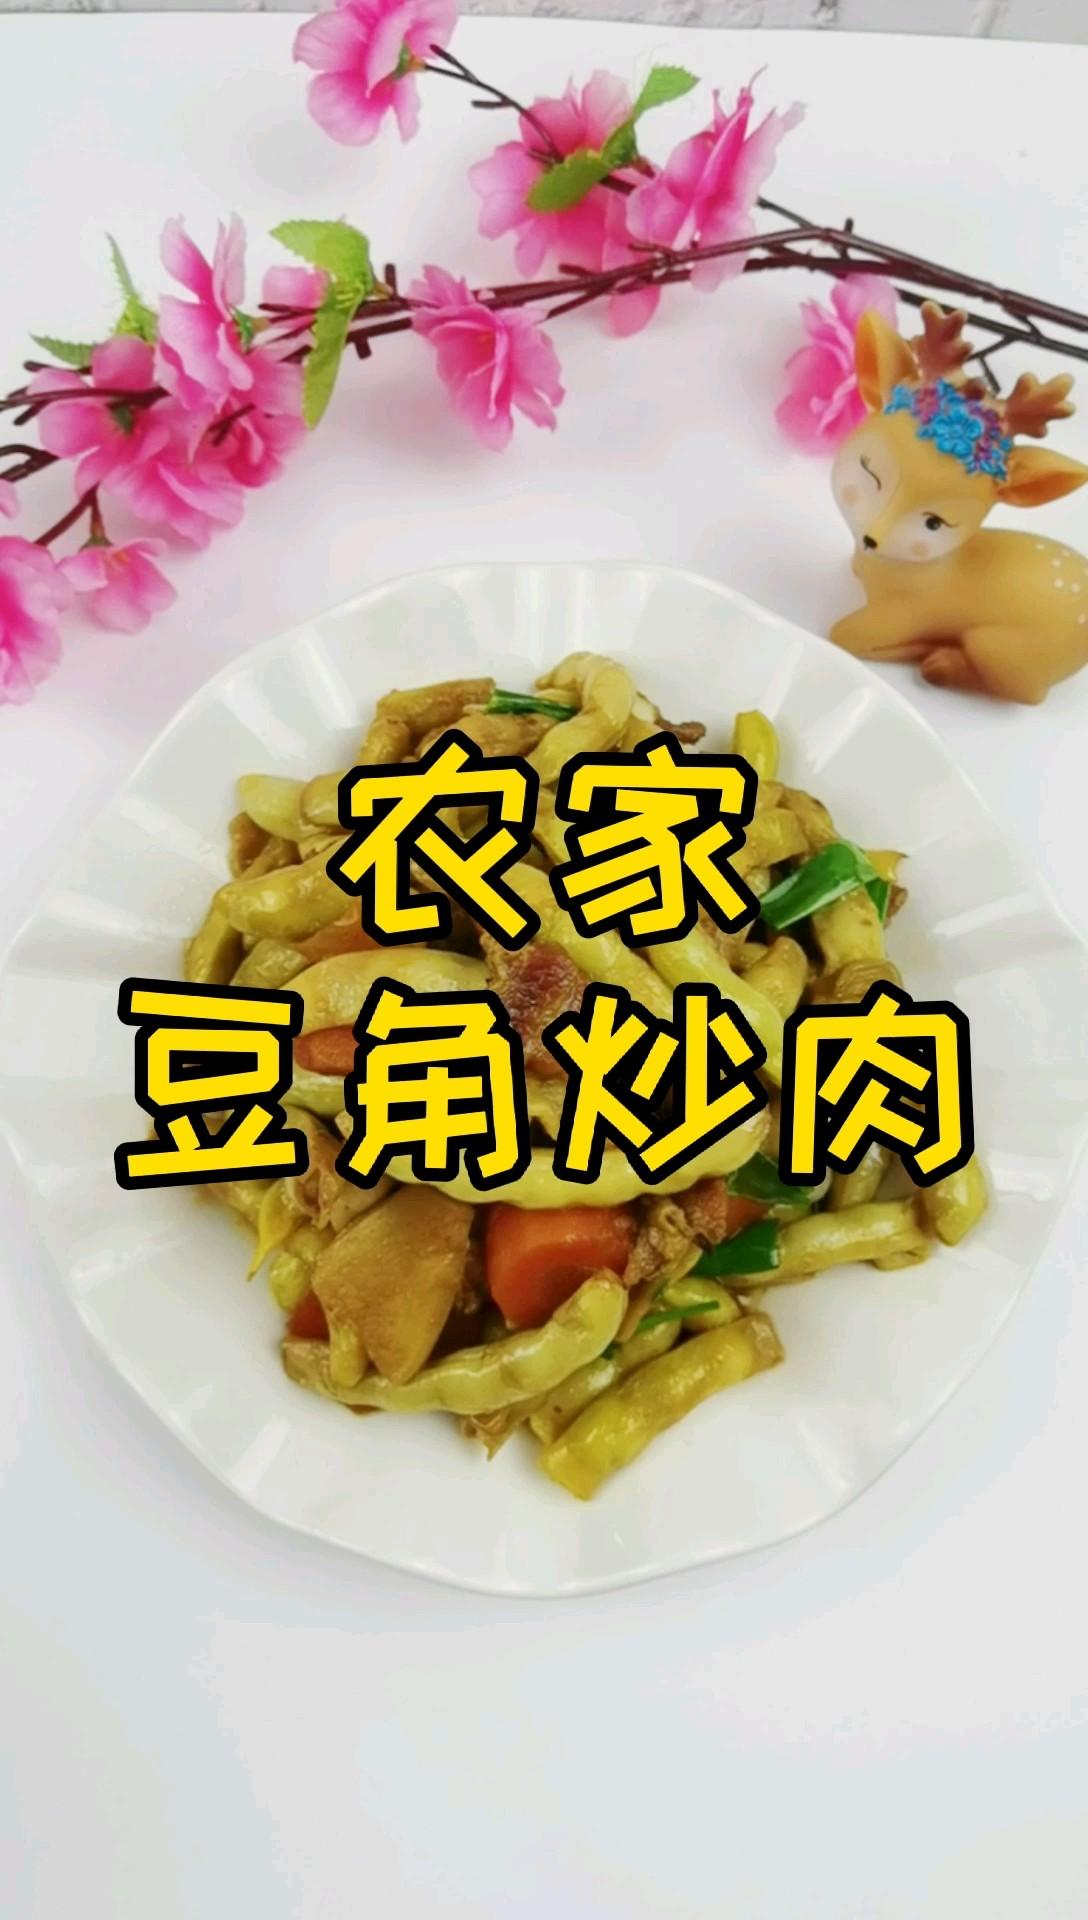 我是半滴雨#来自内蒙古#,参赛作品为农家豆角小炒肉,豆大饱满营养下饭